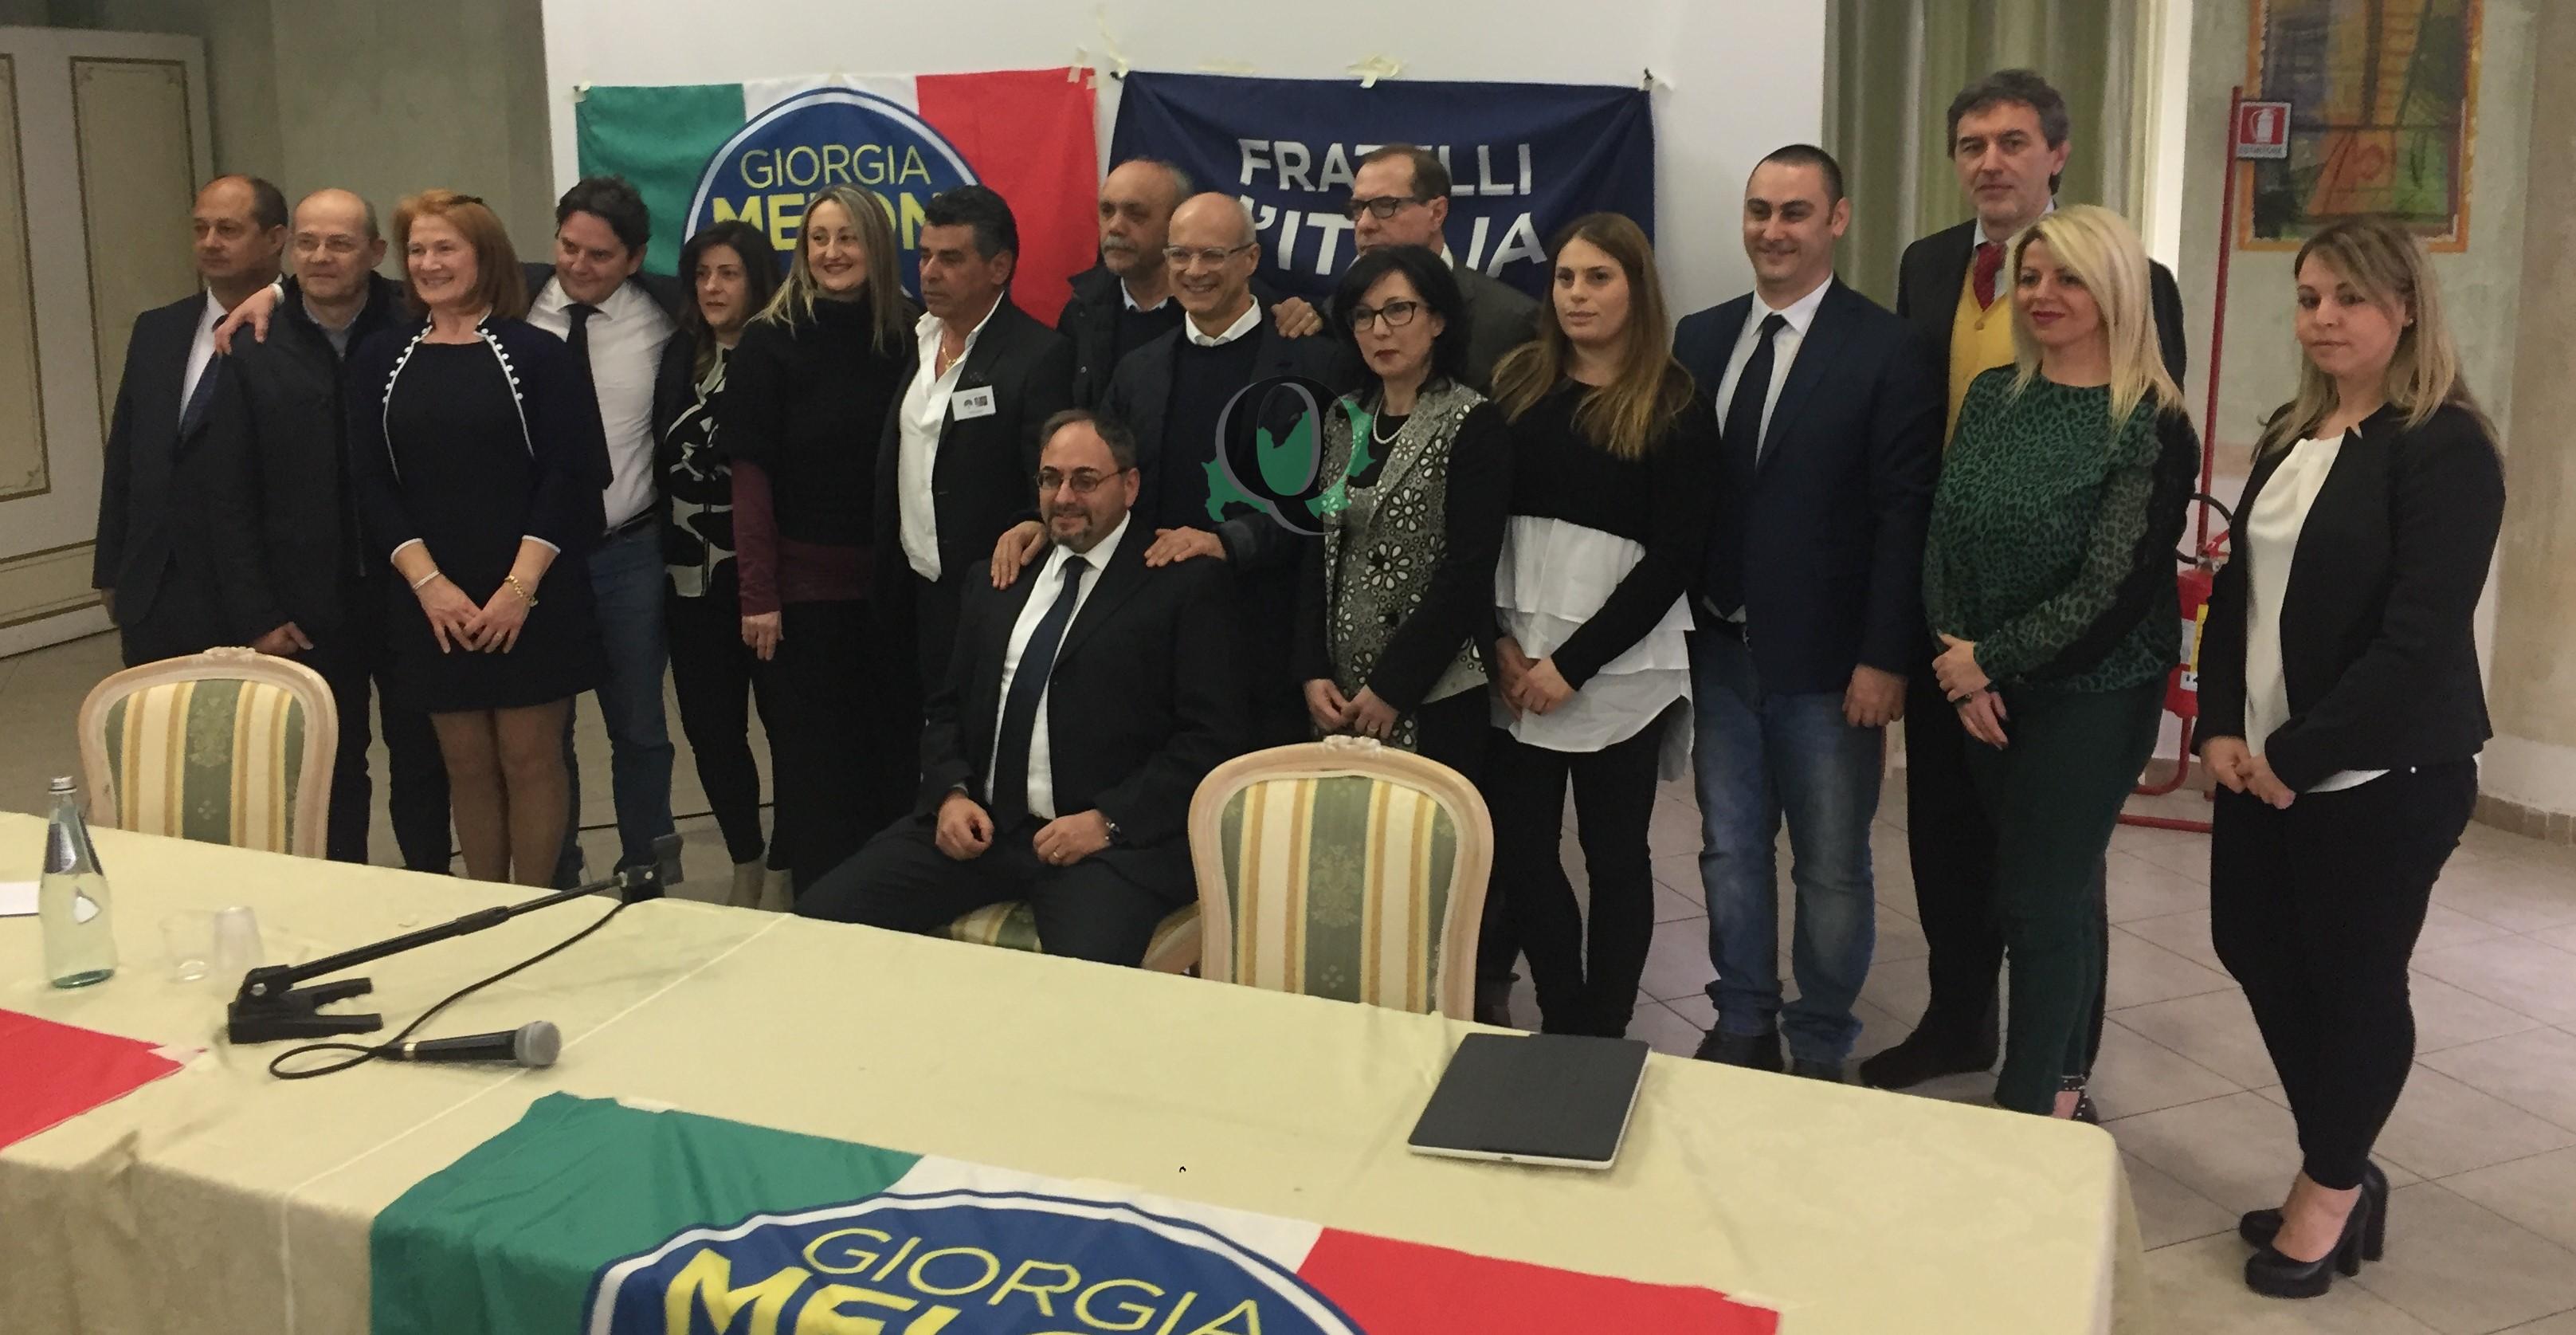 """Fratelli d'Italia si presenta: """"Il nostro contributo sarà fondamentale"""""""